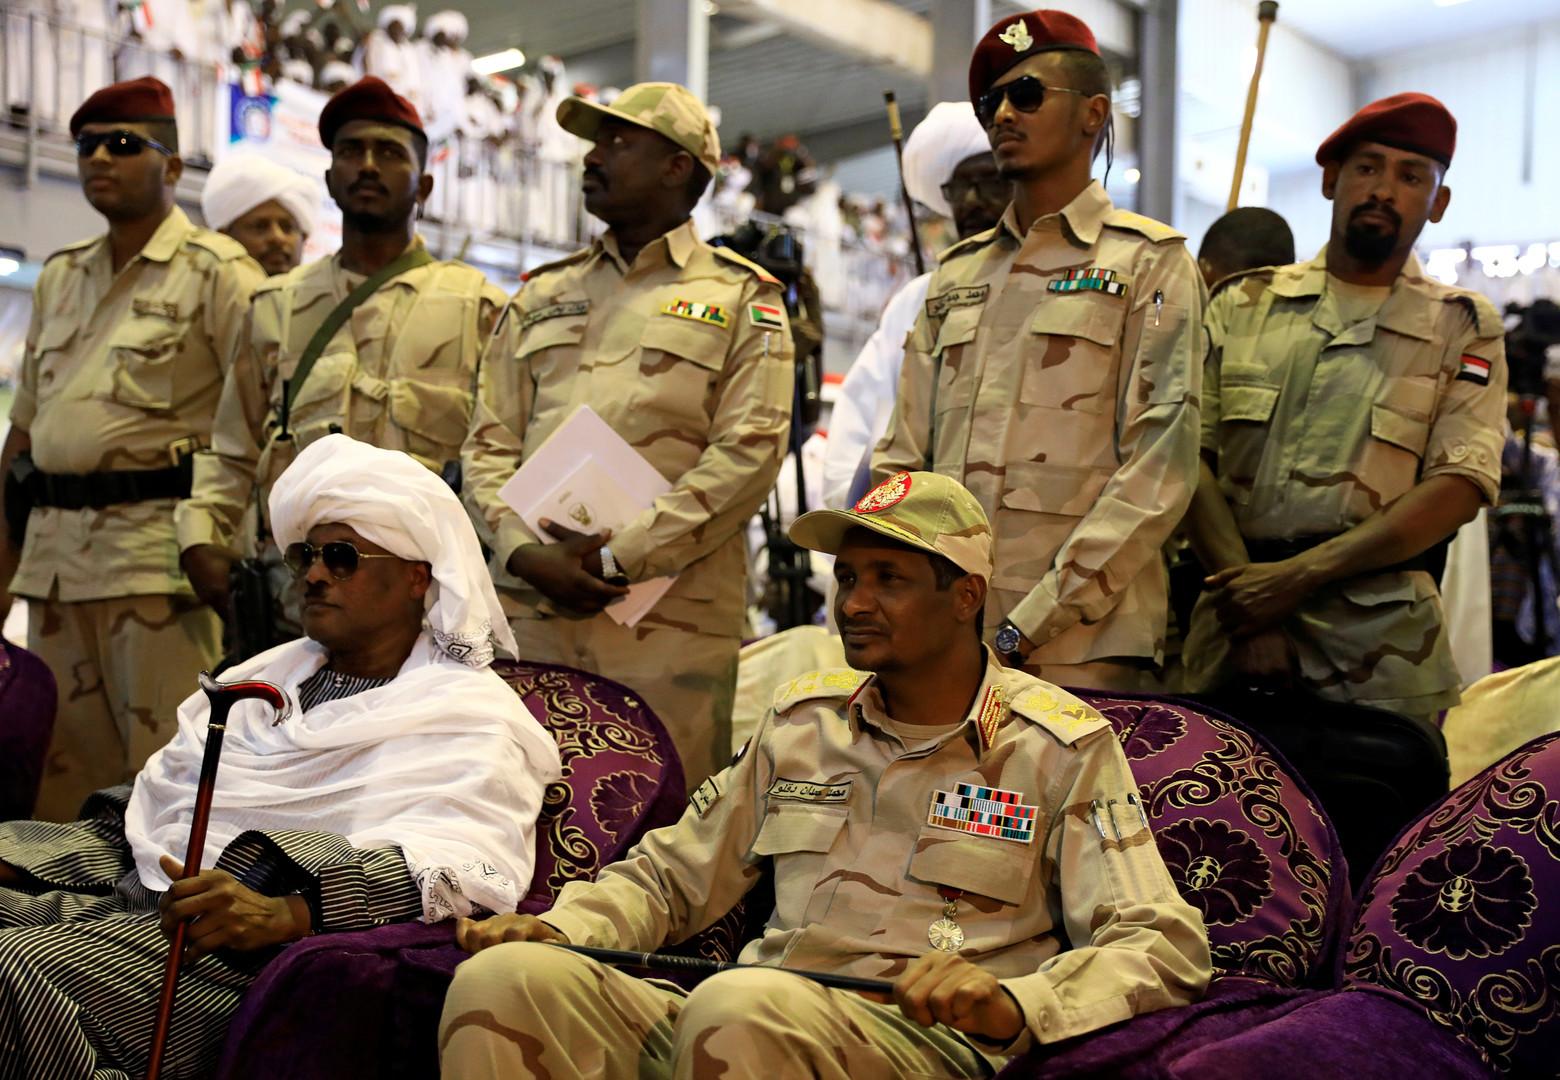 مراسلنا: أنباء عن محاولة انقلابية واعتقالات في صفوف ضباط الجيش السوداني